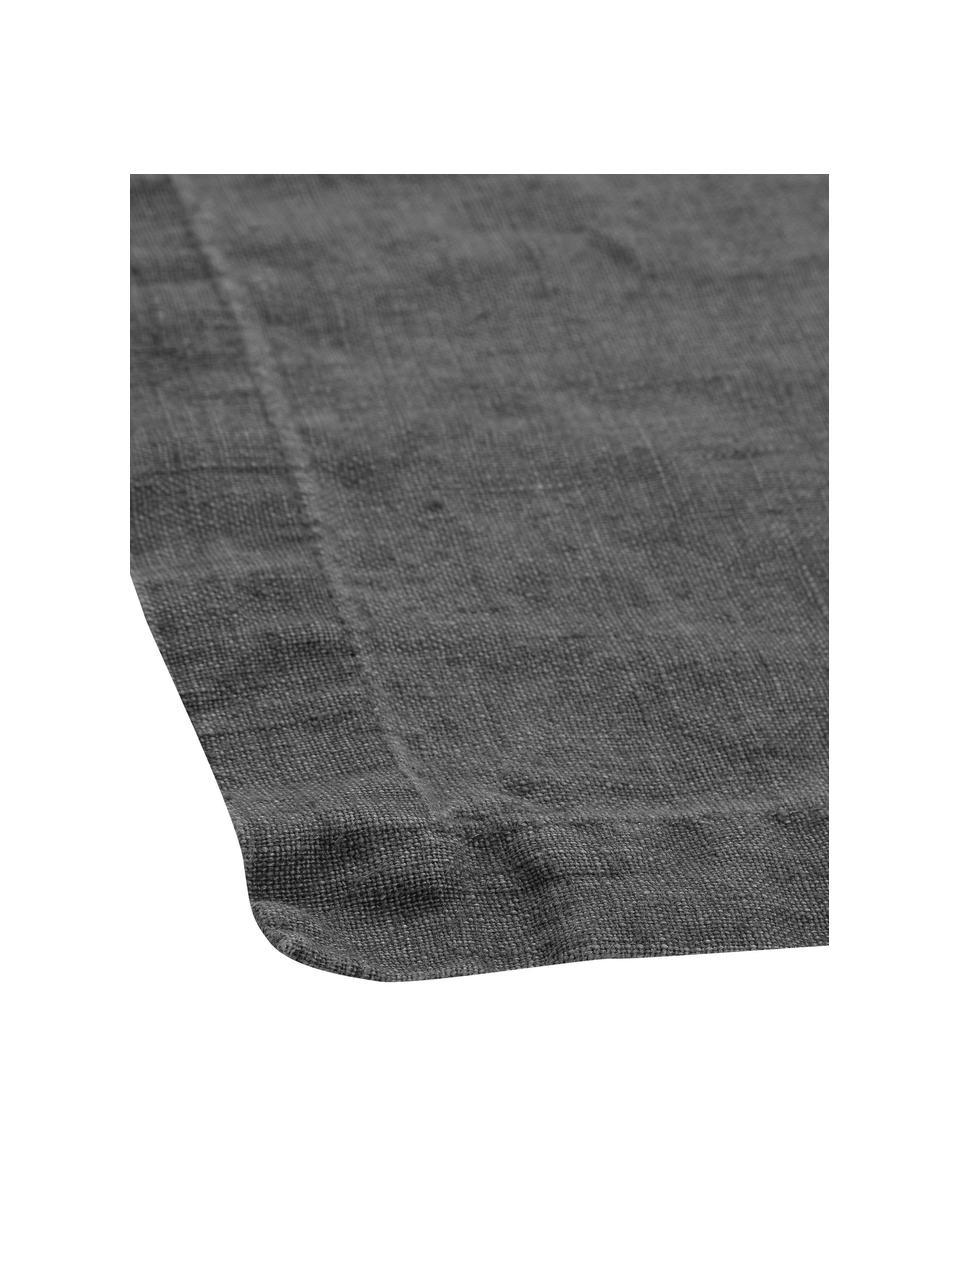 Tovaglia in lino color antracite Ruta, Grigio, Per 4-6 persone  (Larg. 130 x Lung. 170 cm)